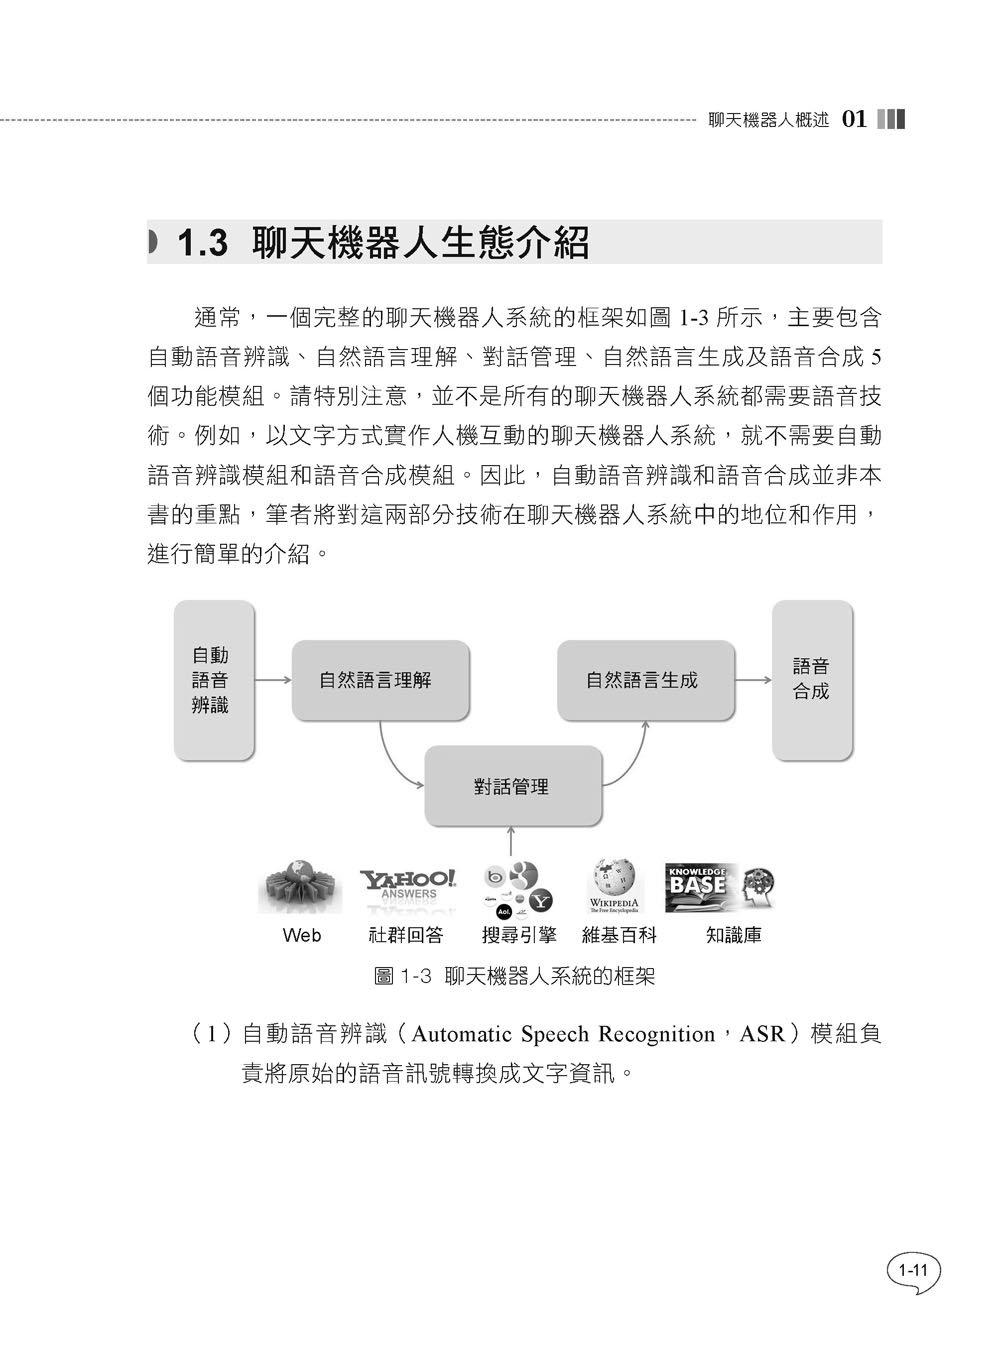 中文自然語言處理實戰:聊天機器人與深度學習整合應用-preview-3